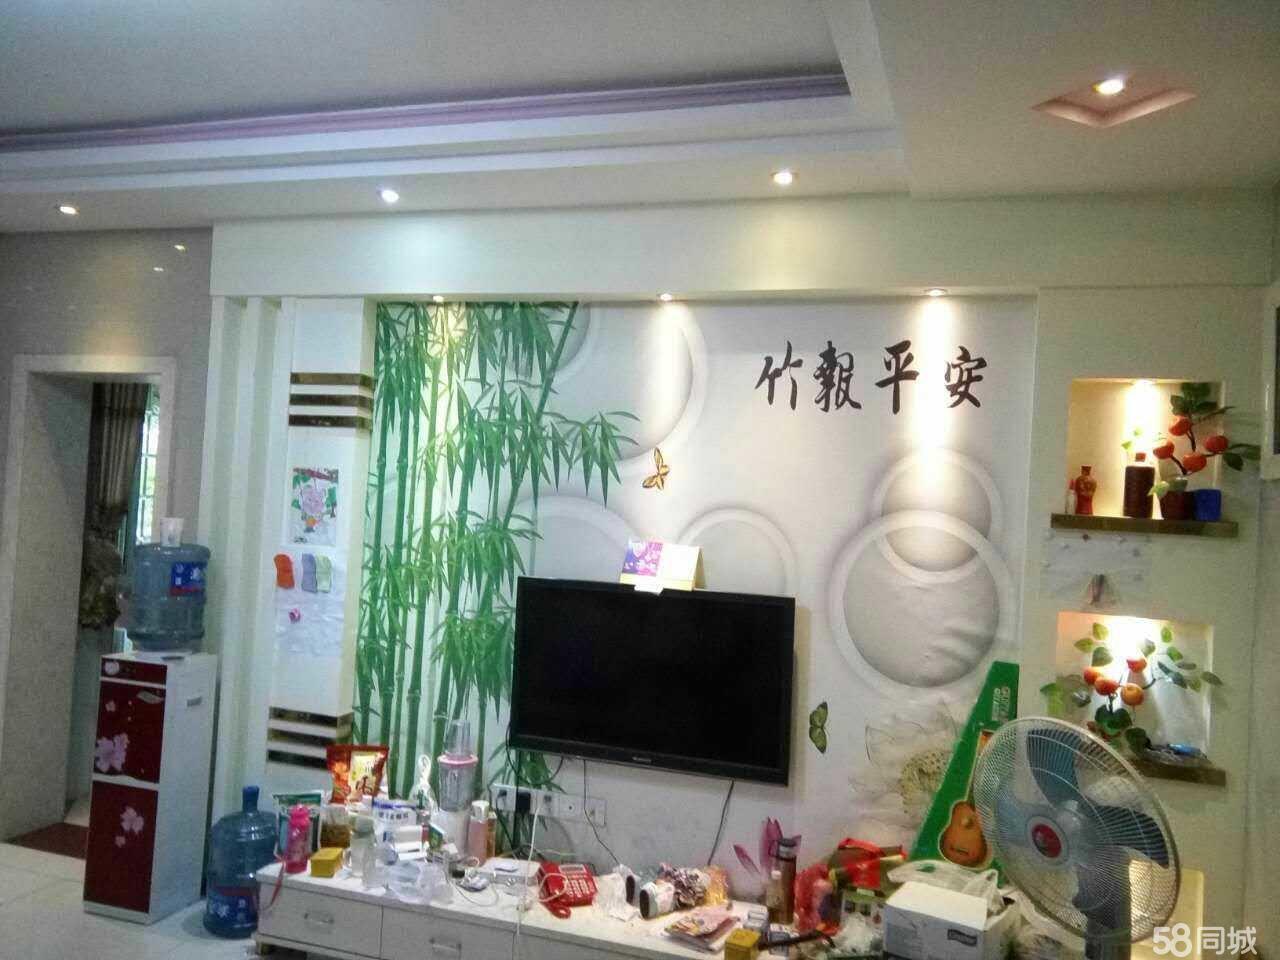 泸县河滨一号3室2厅2卫110㎡精装好房出售!